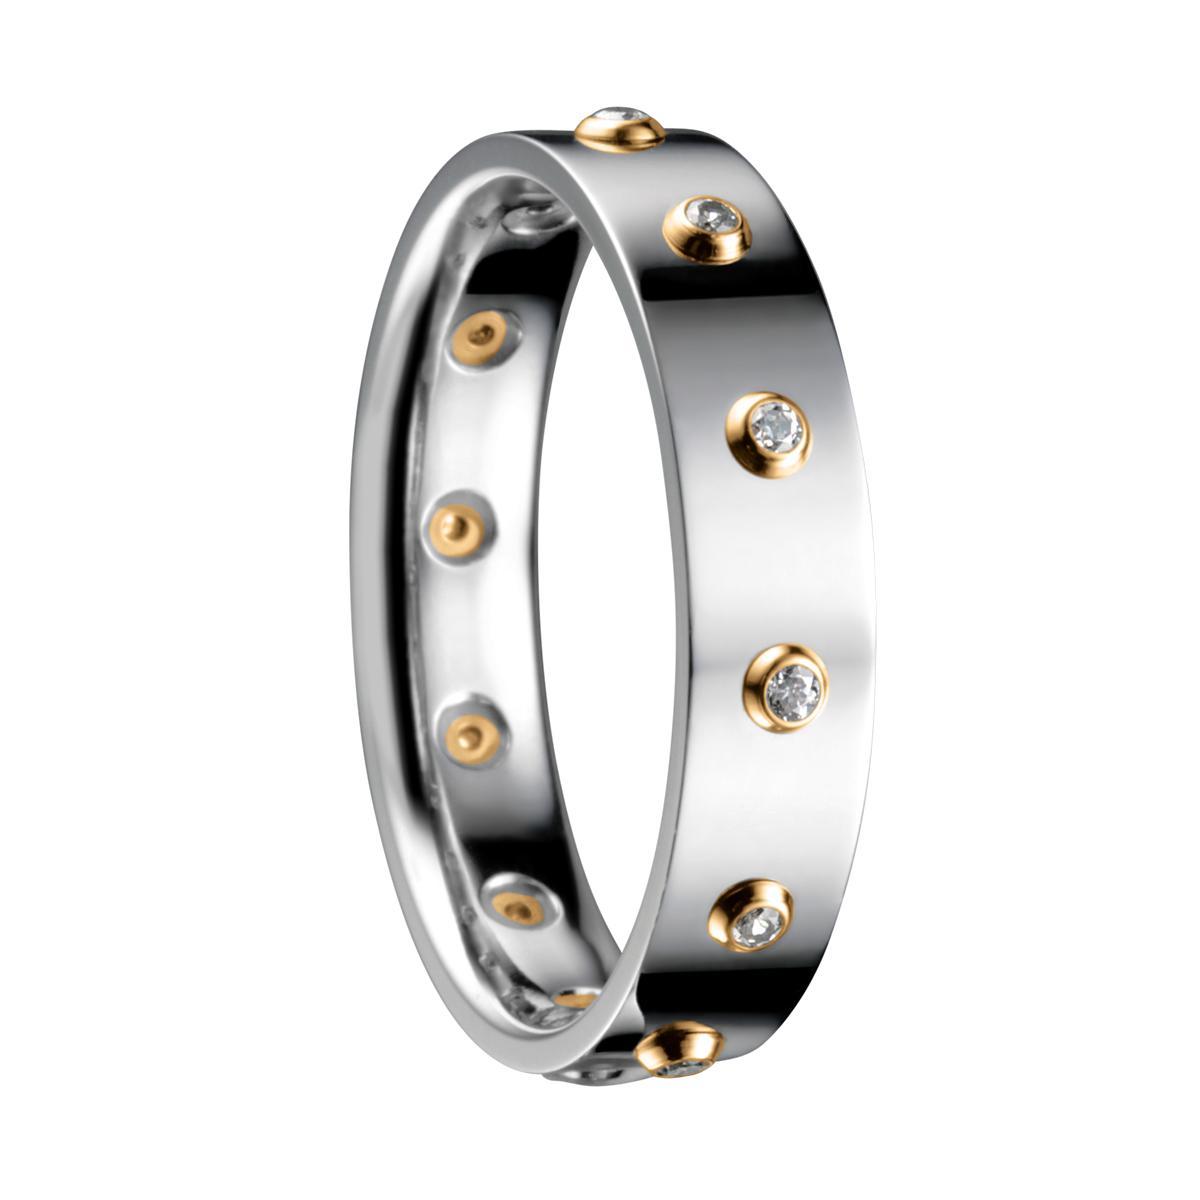 Bering Inner Ring 5551252 1